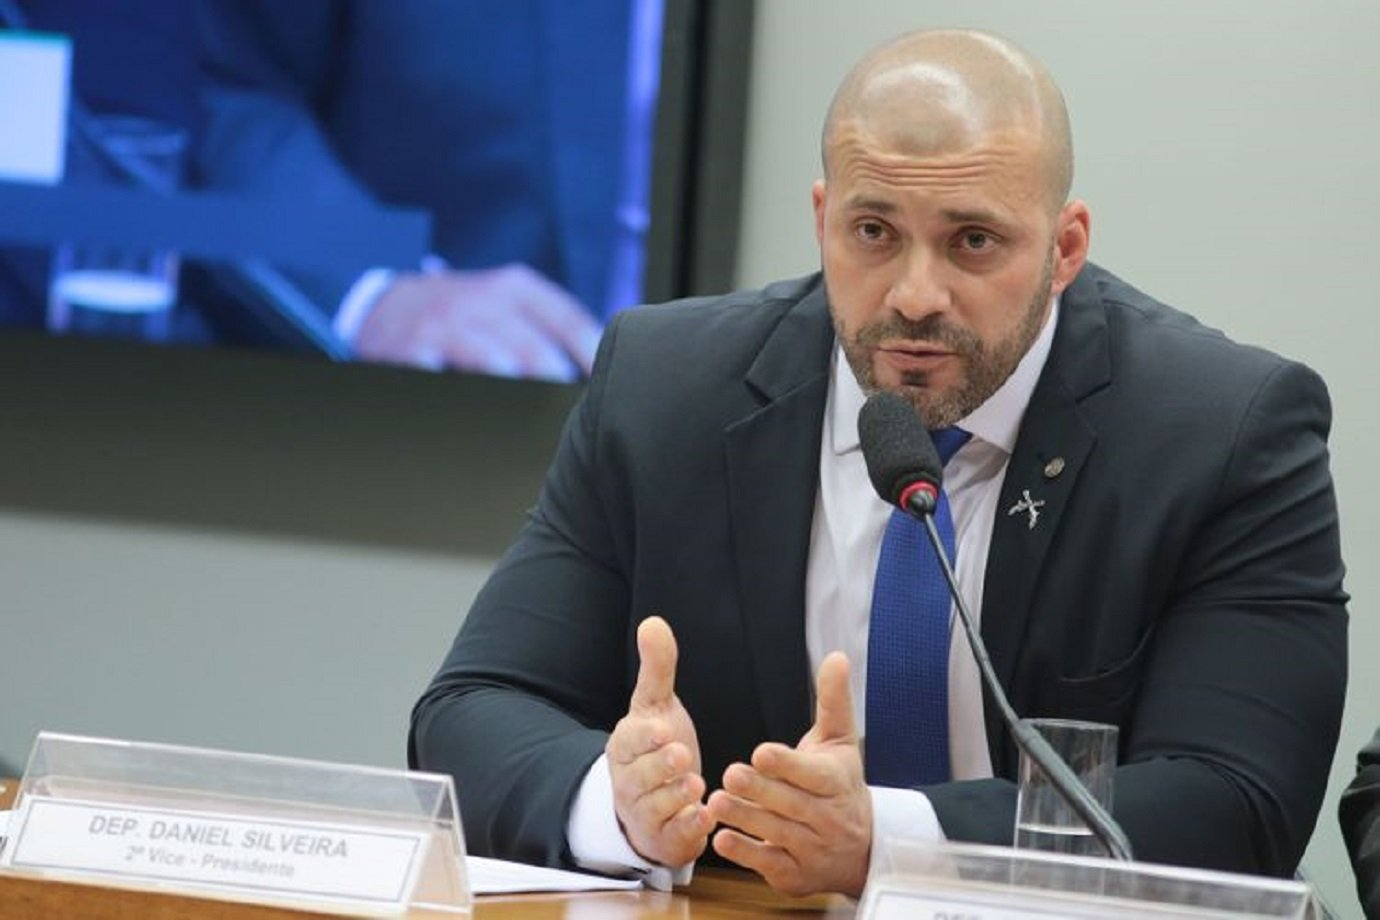 Conselho de Ética instaura processos contra Daniel Silveira e Flordelis